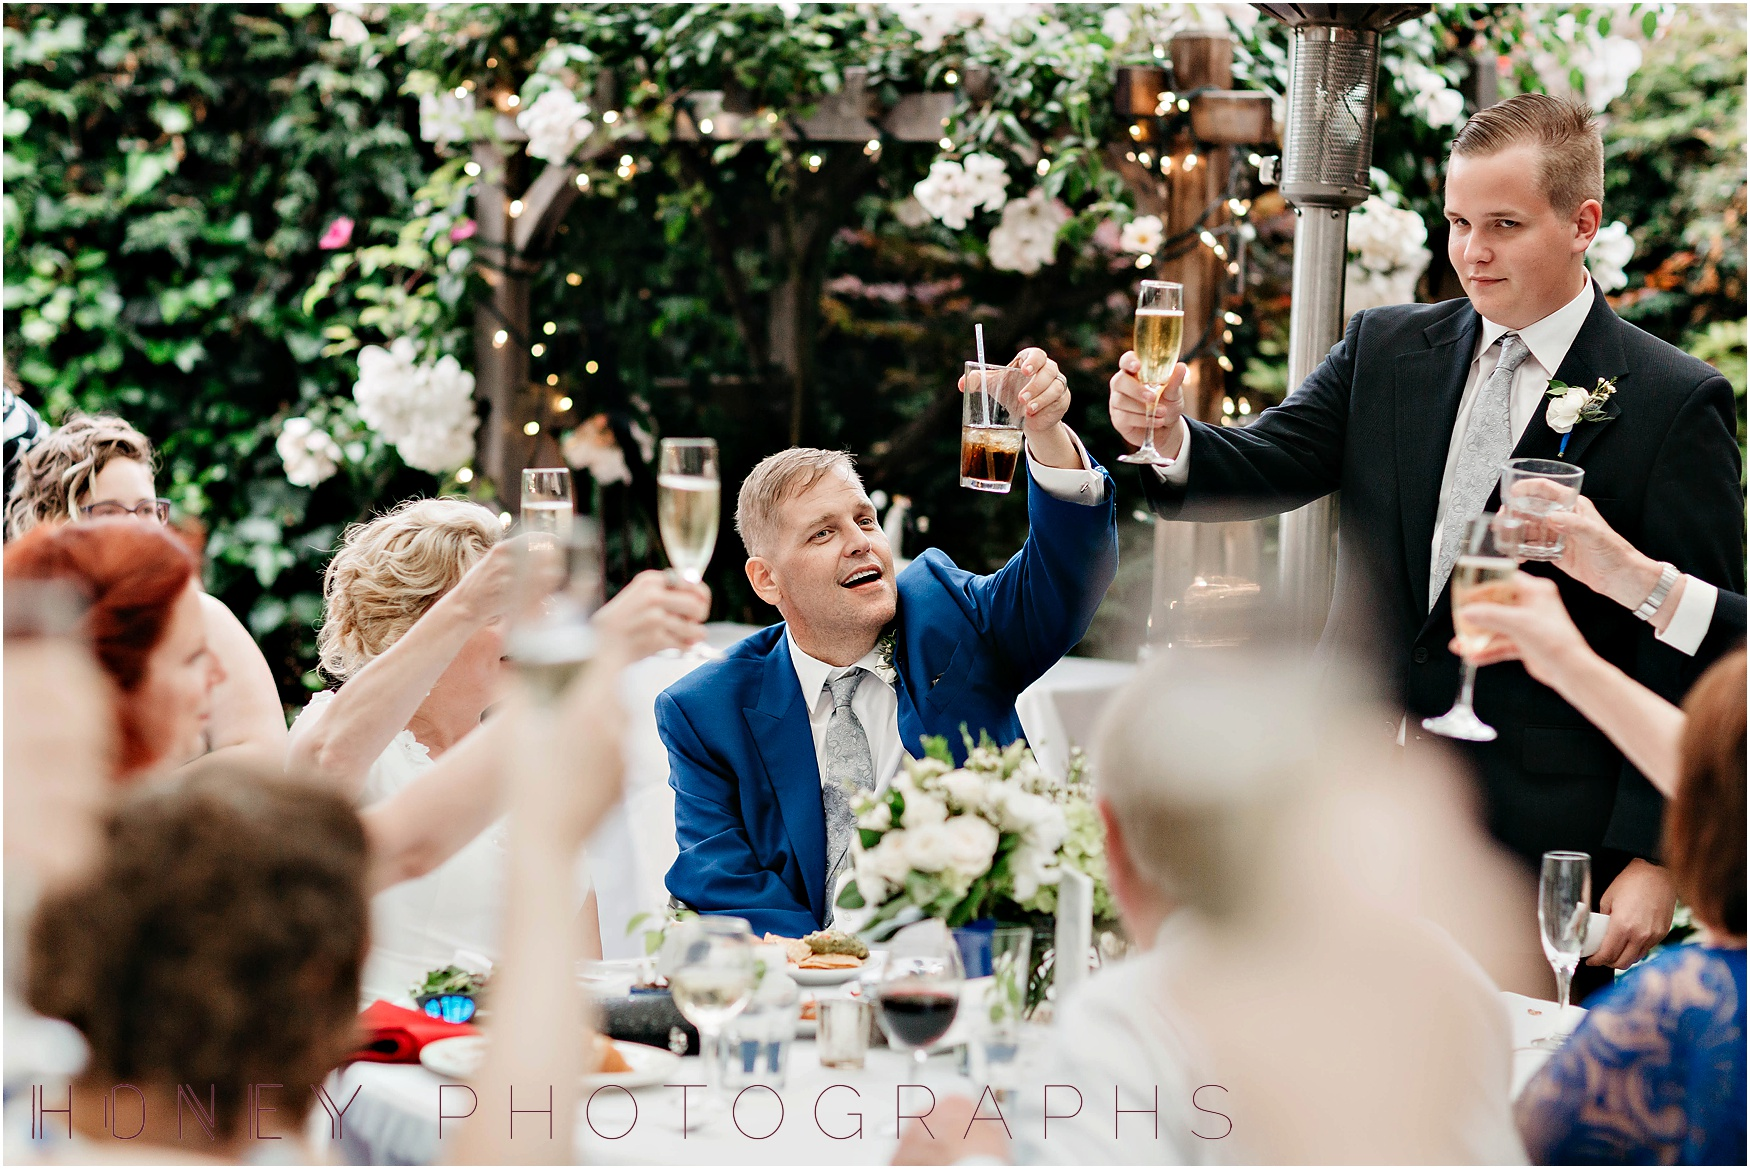 cambria-san-lois-obispo-wedding-garden-intimate53.jpg